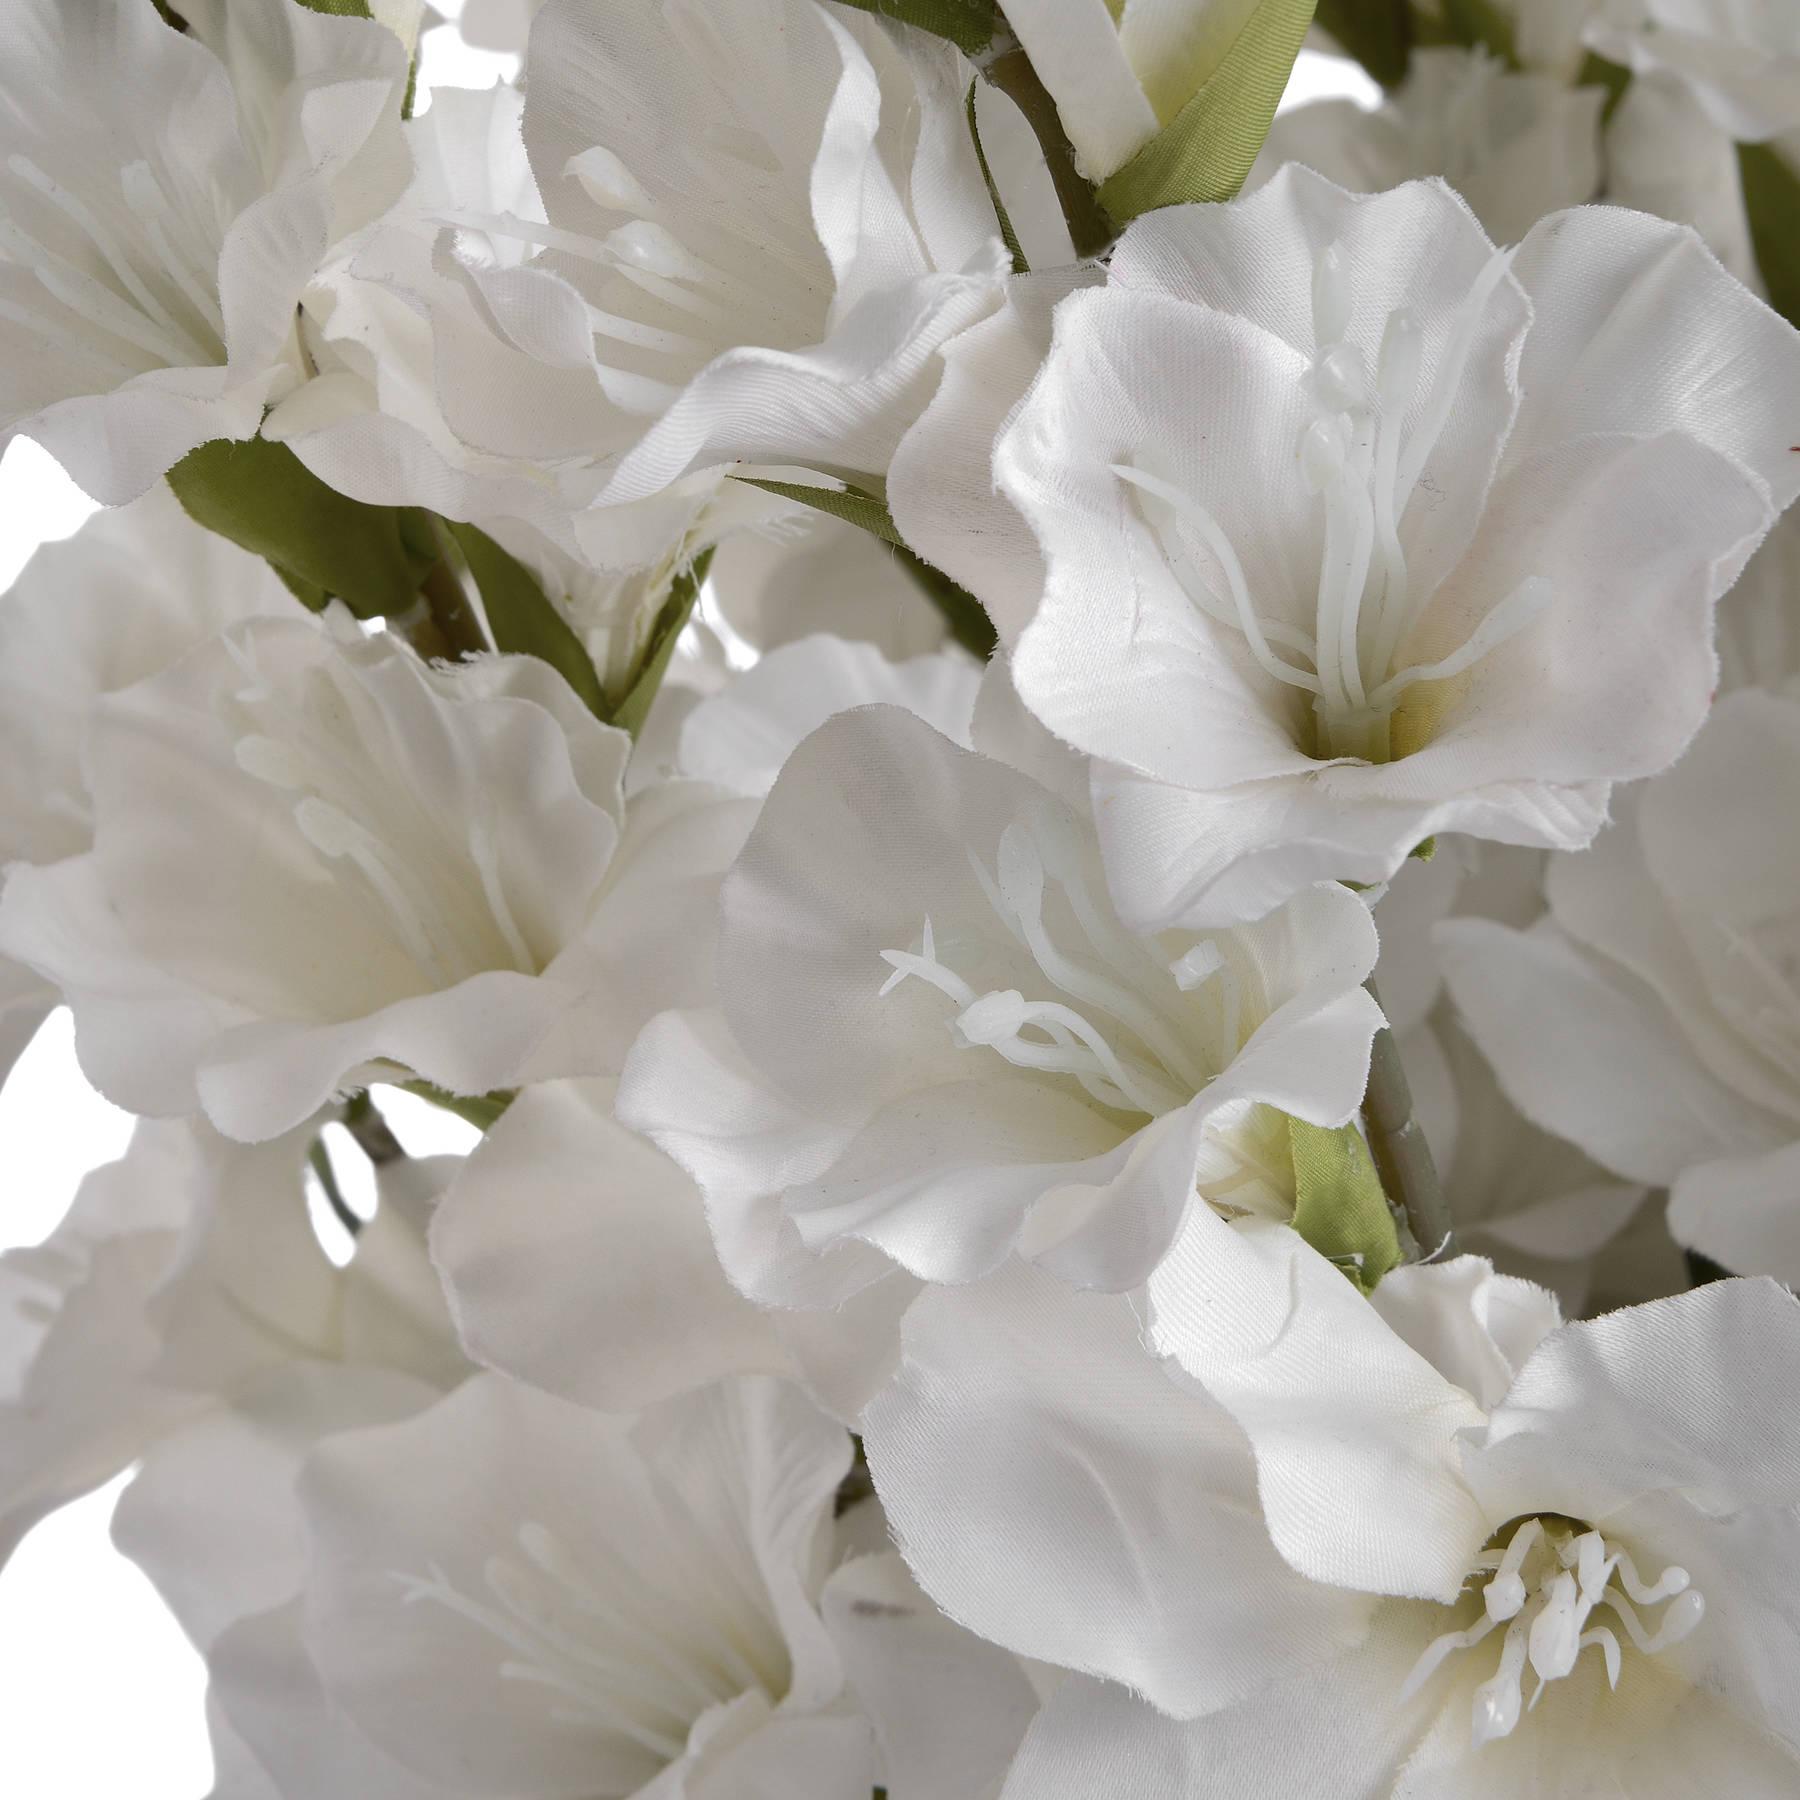 White Gladioli - Image 5